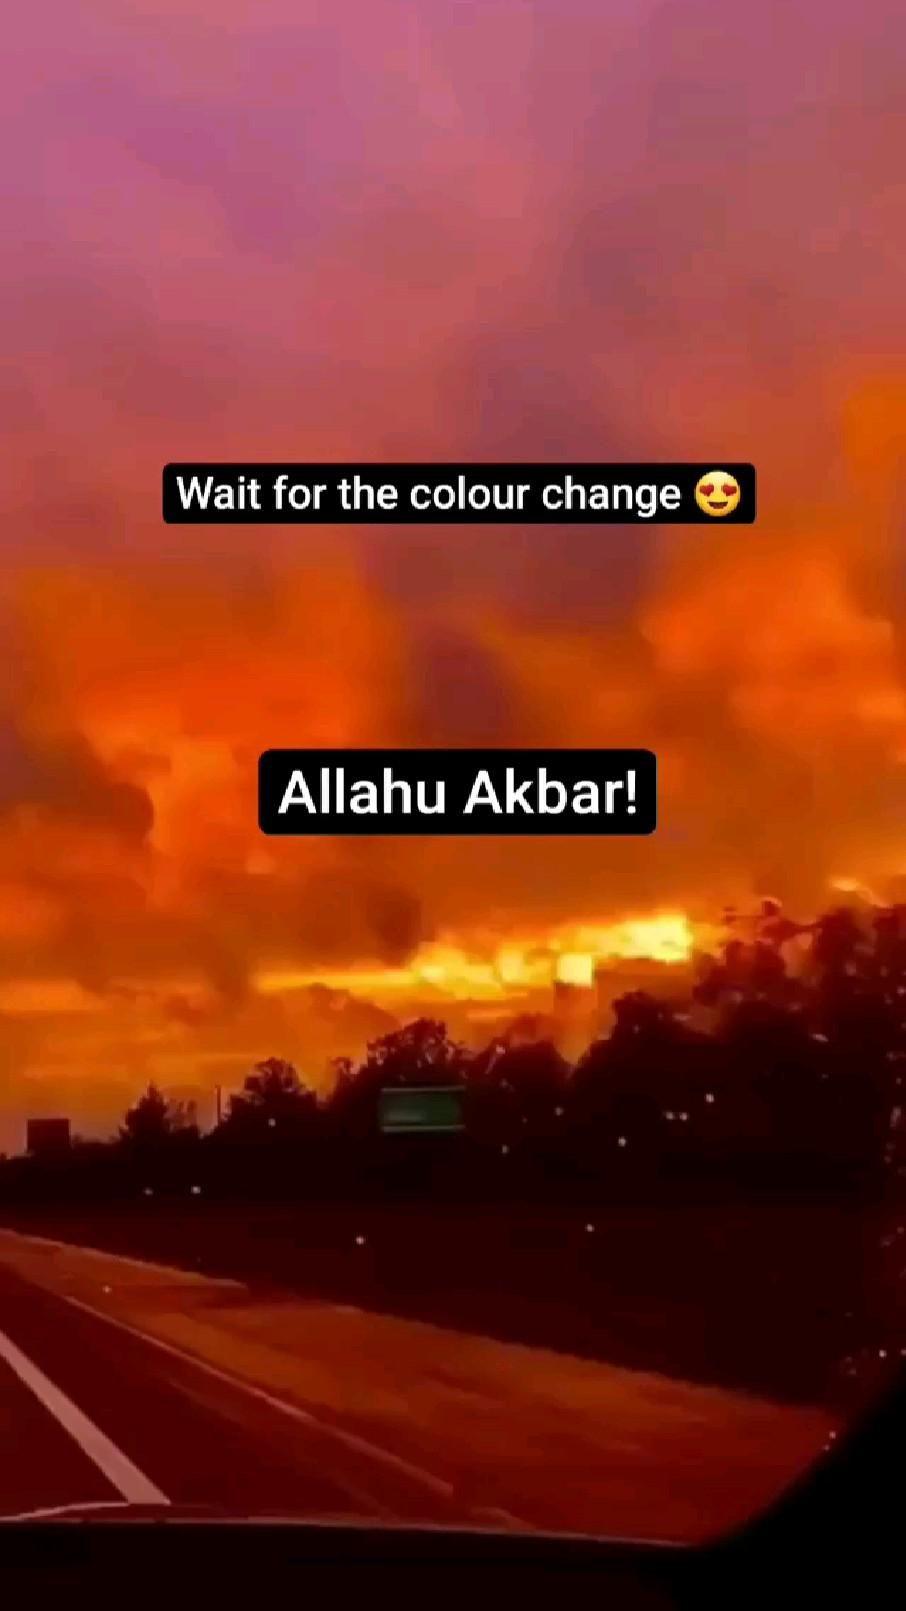 Allahu Akber